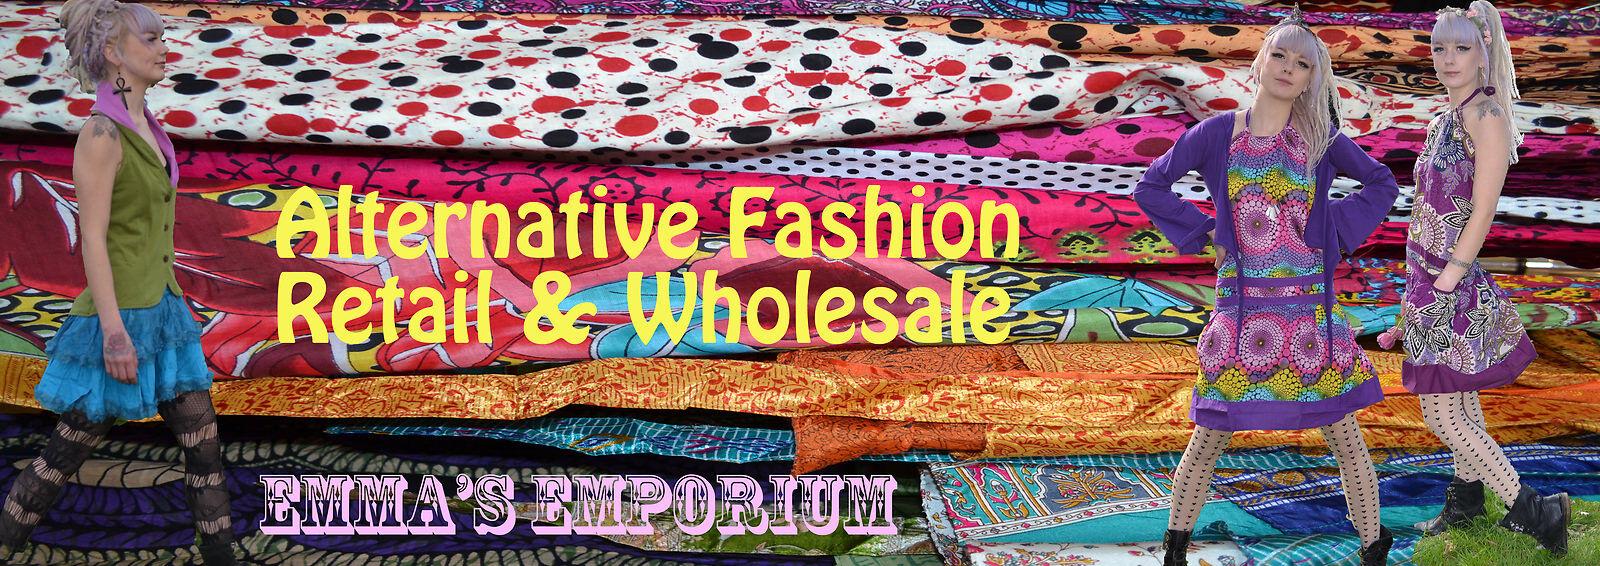 Emma's Emporium Textiles